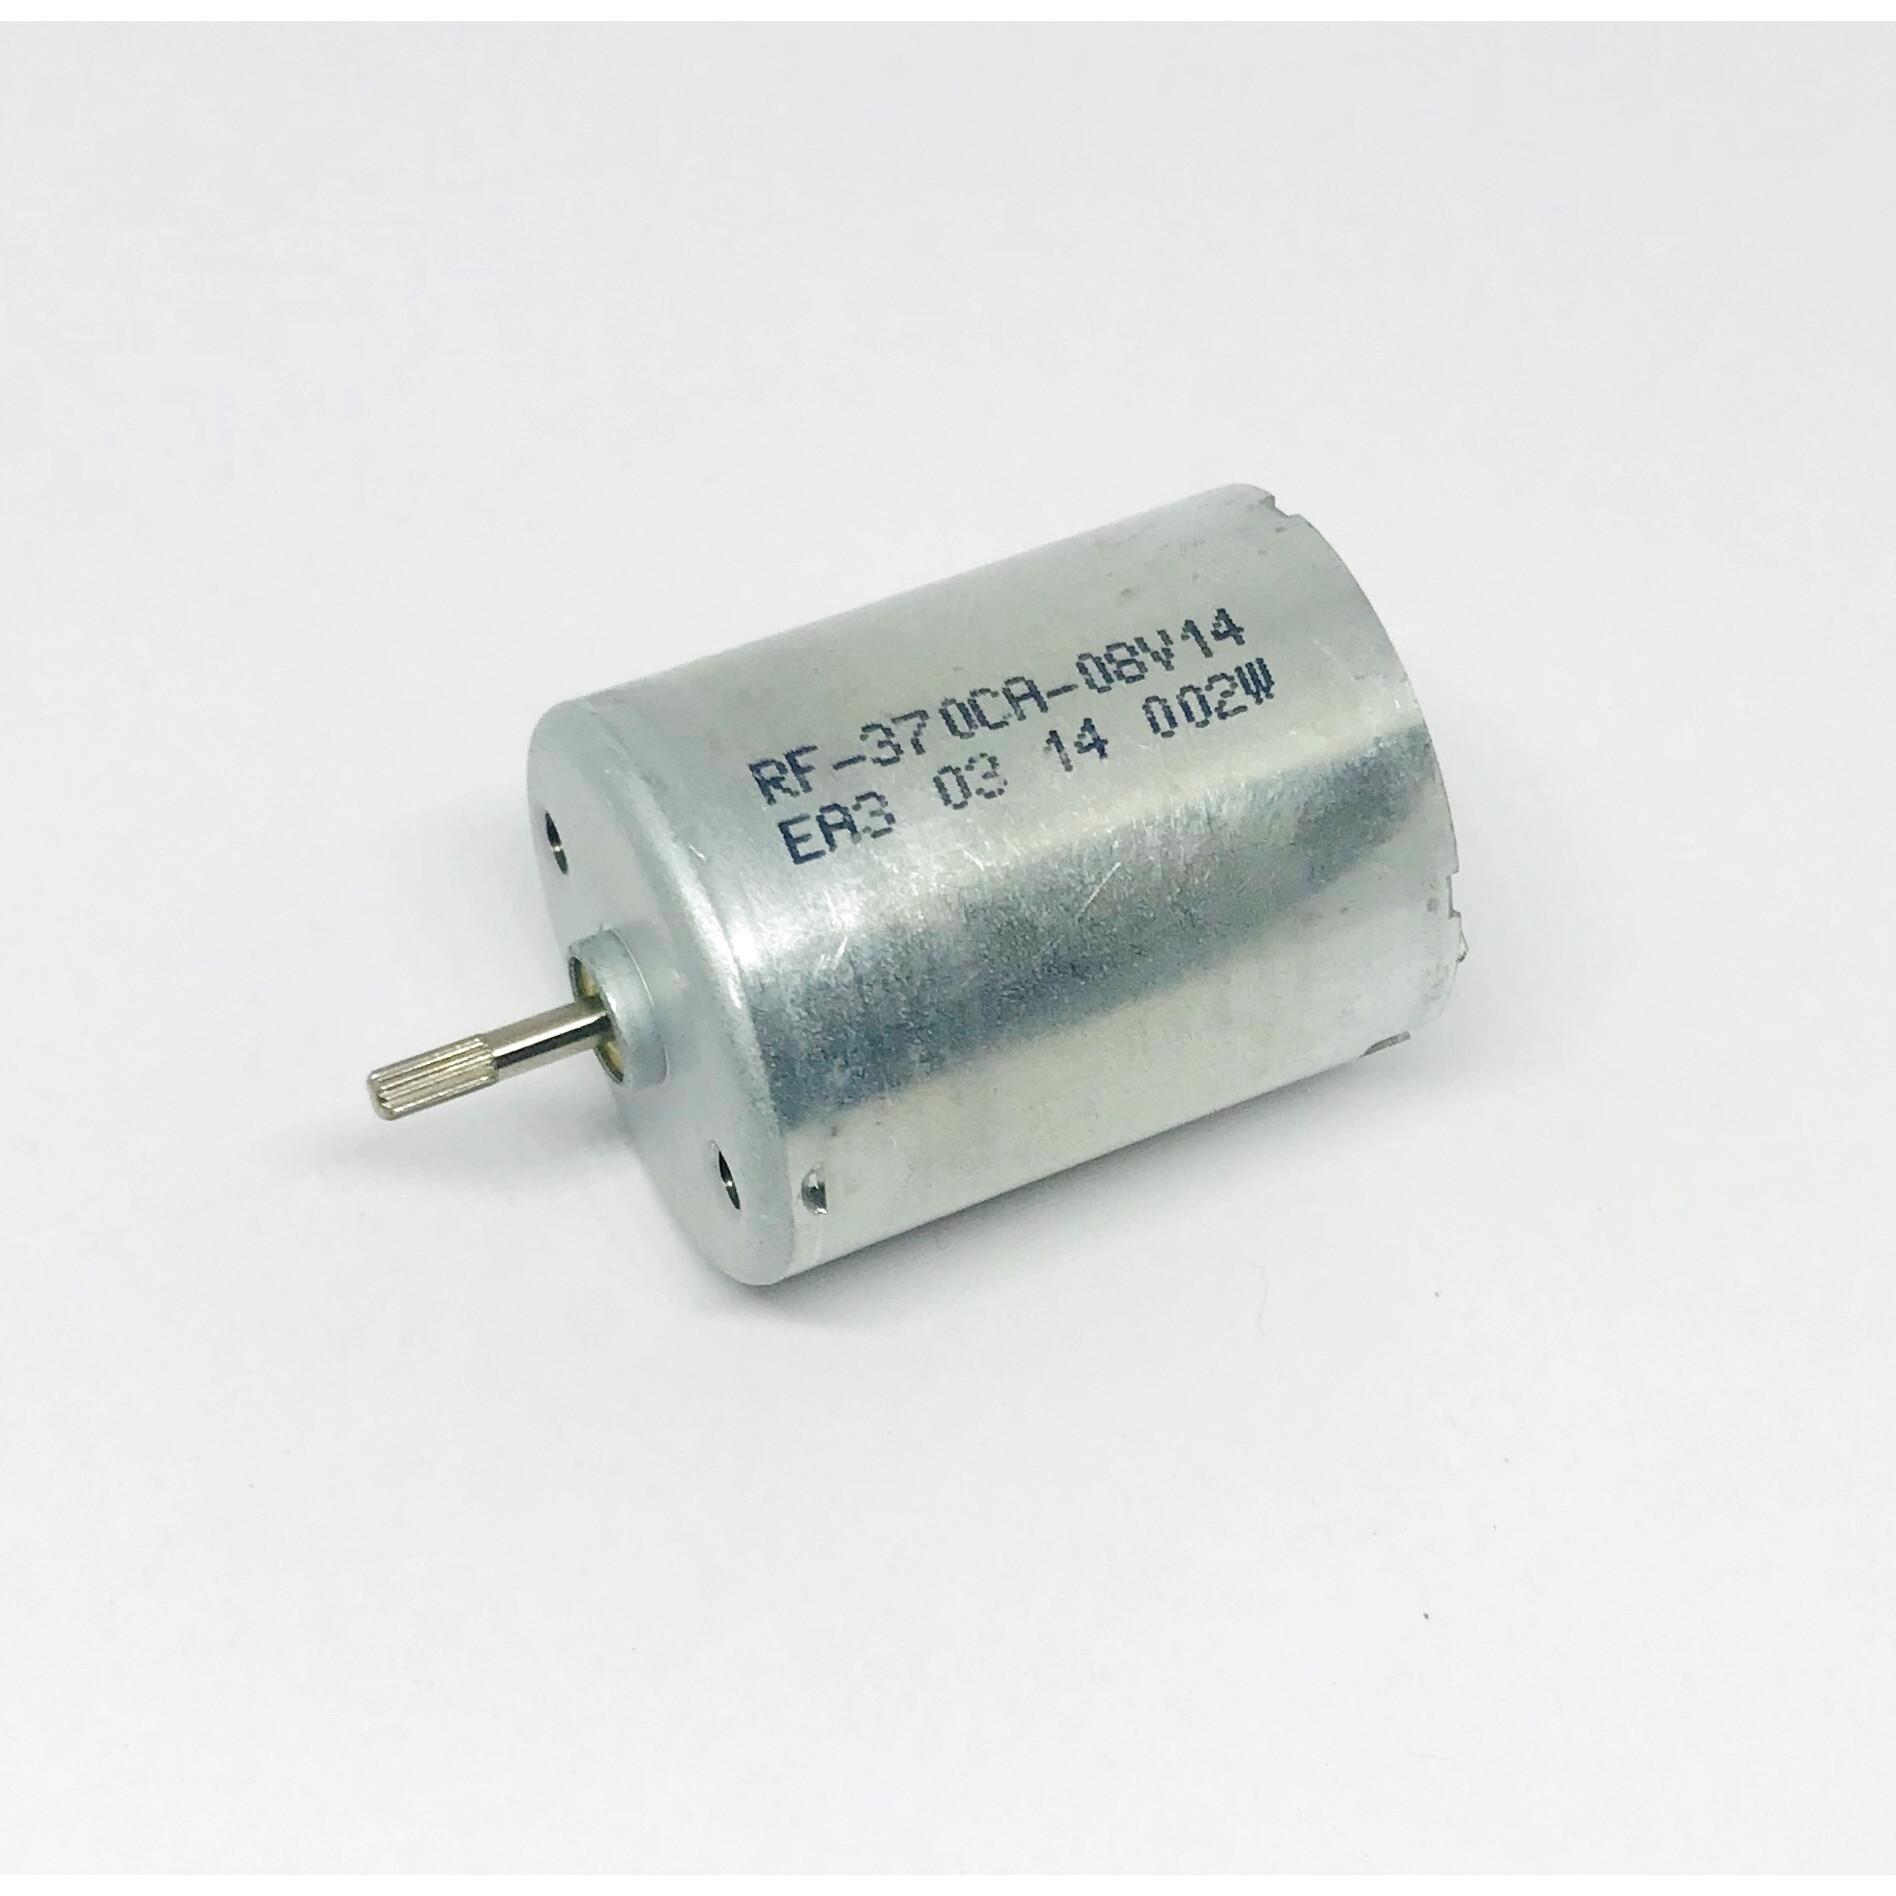 Động cơ motor mô tơ mini RF-370CA mô men xoắn lớn chạy rất êm DC 3V-12V tốc độ 5000-10200 RPM chất lượng cao - LK0096